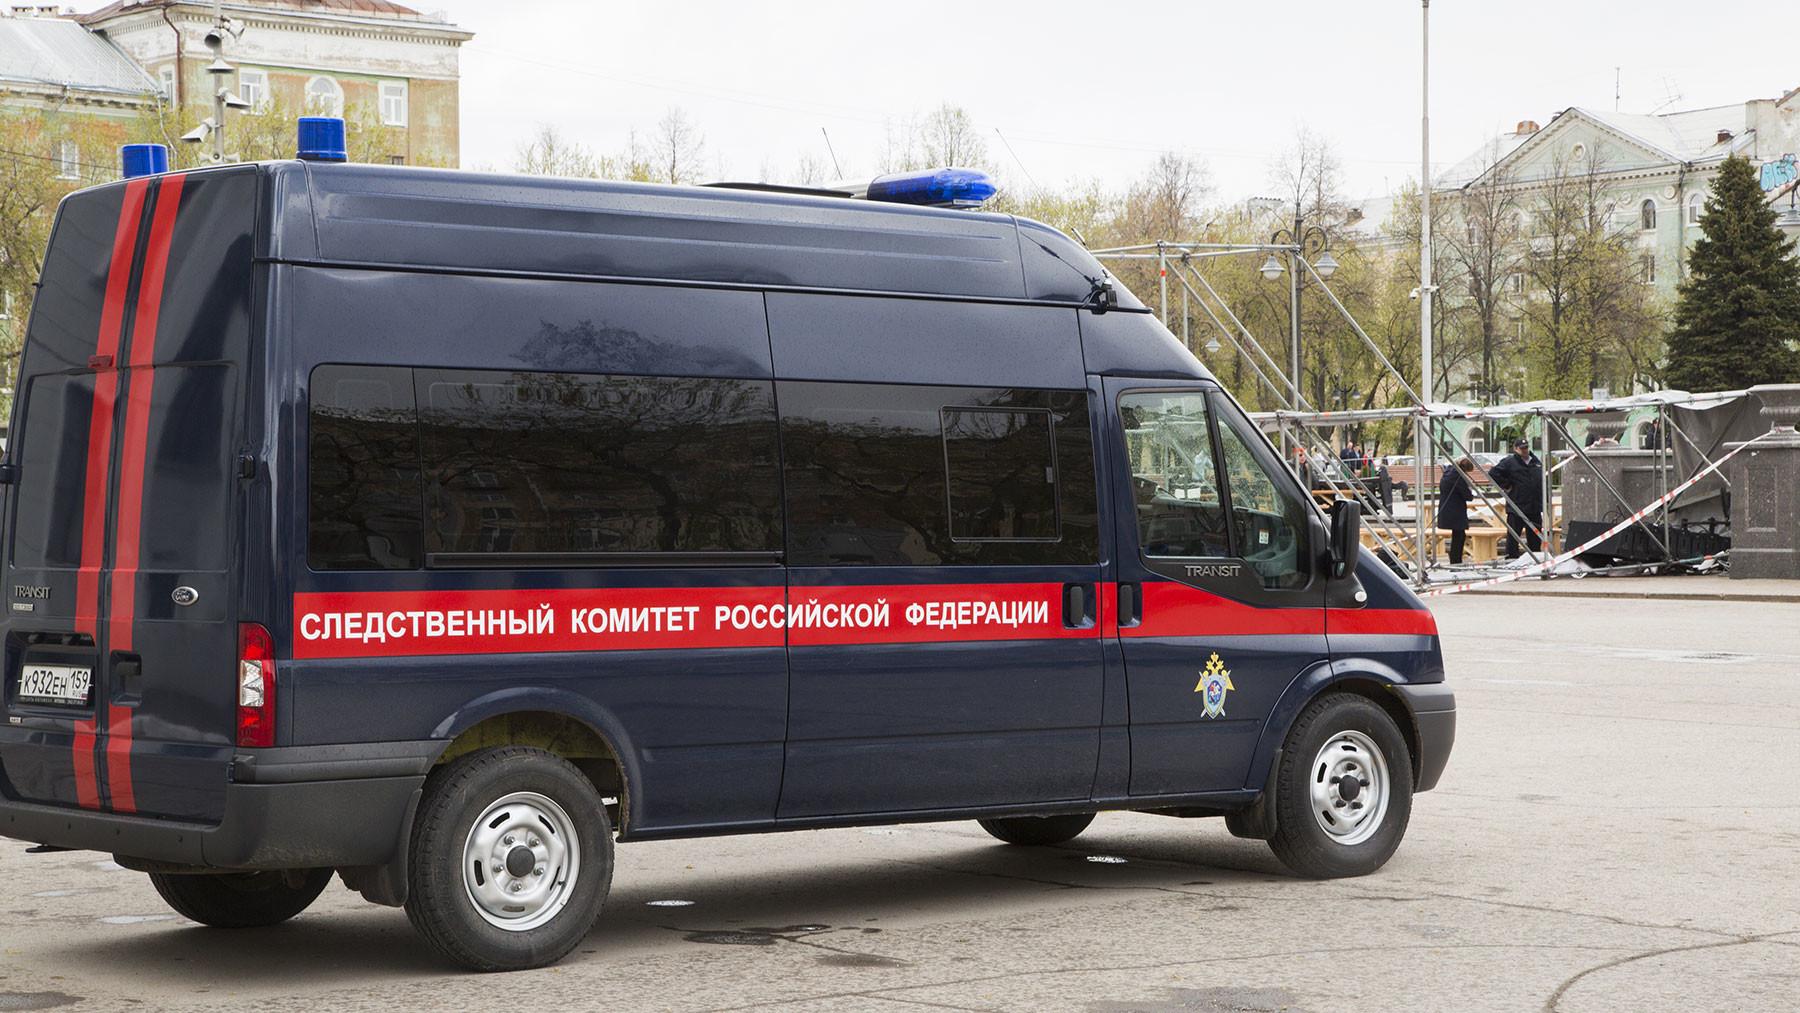 <p>Фото: &copy; РИА Новости /&nbsp;Игорь Катаев</p>